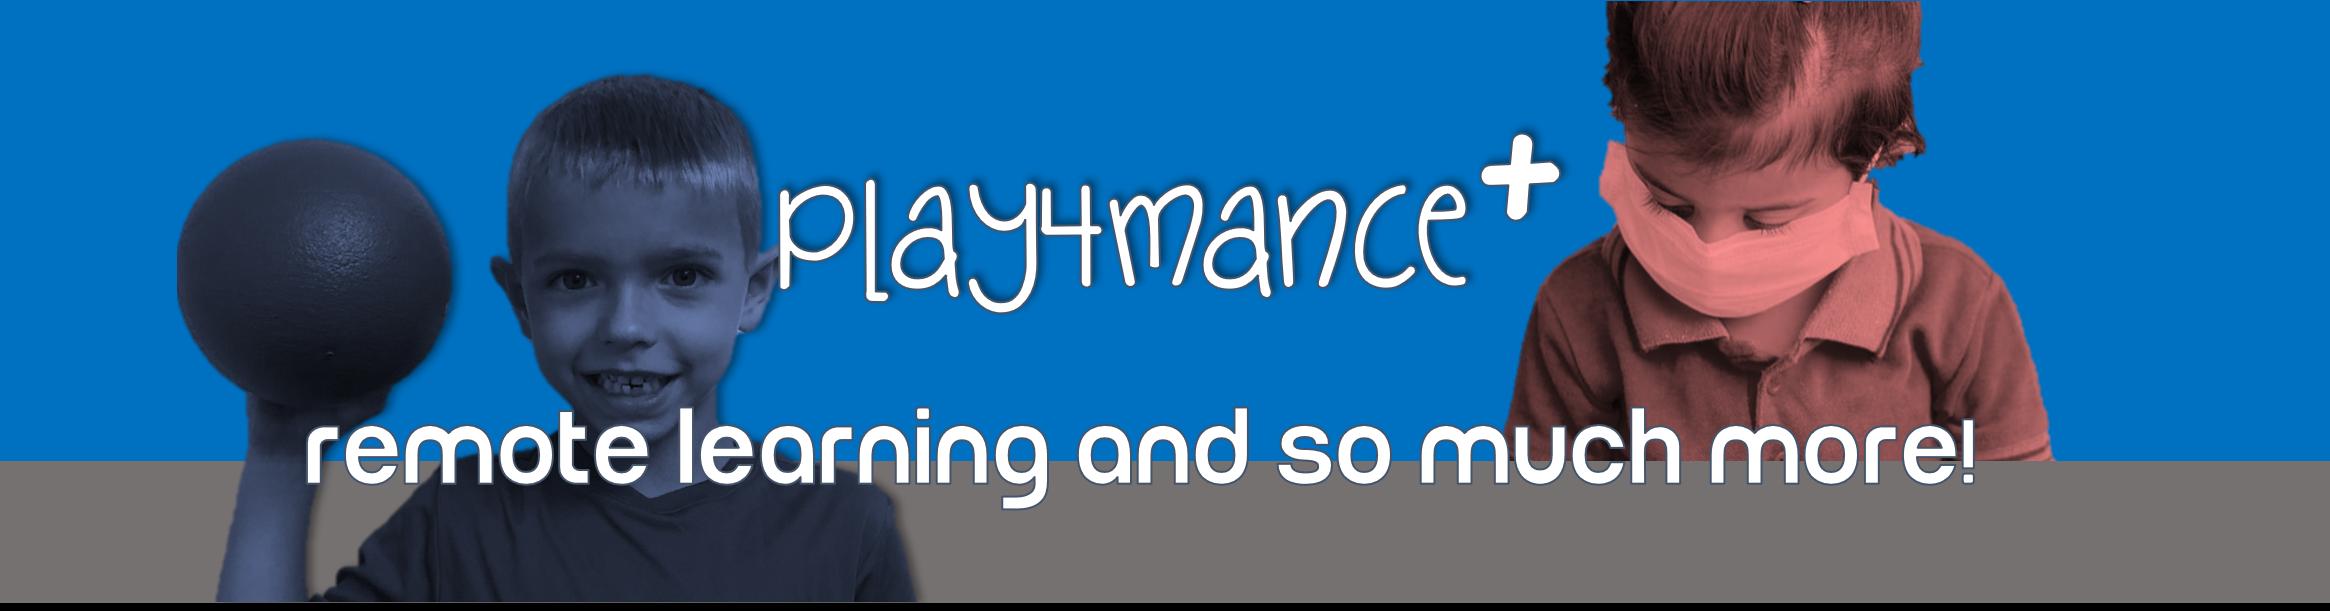 Play4mance +